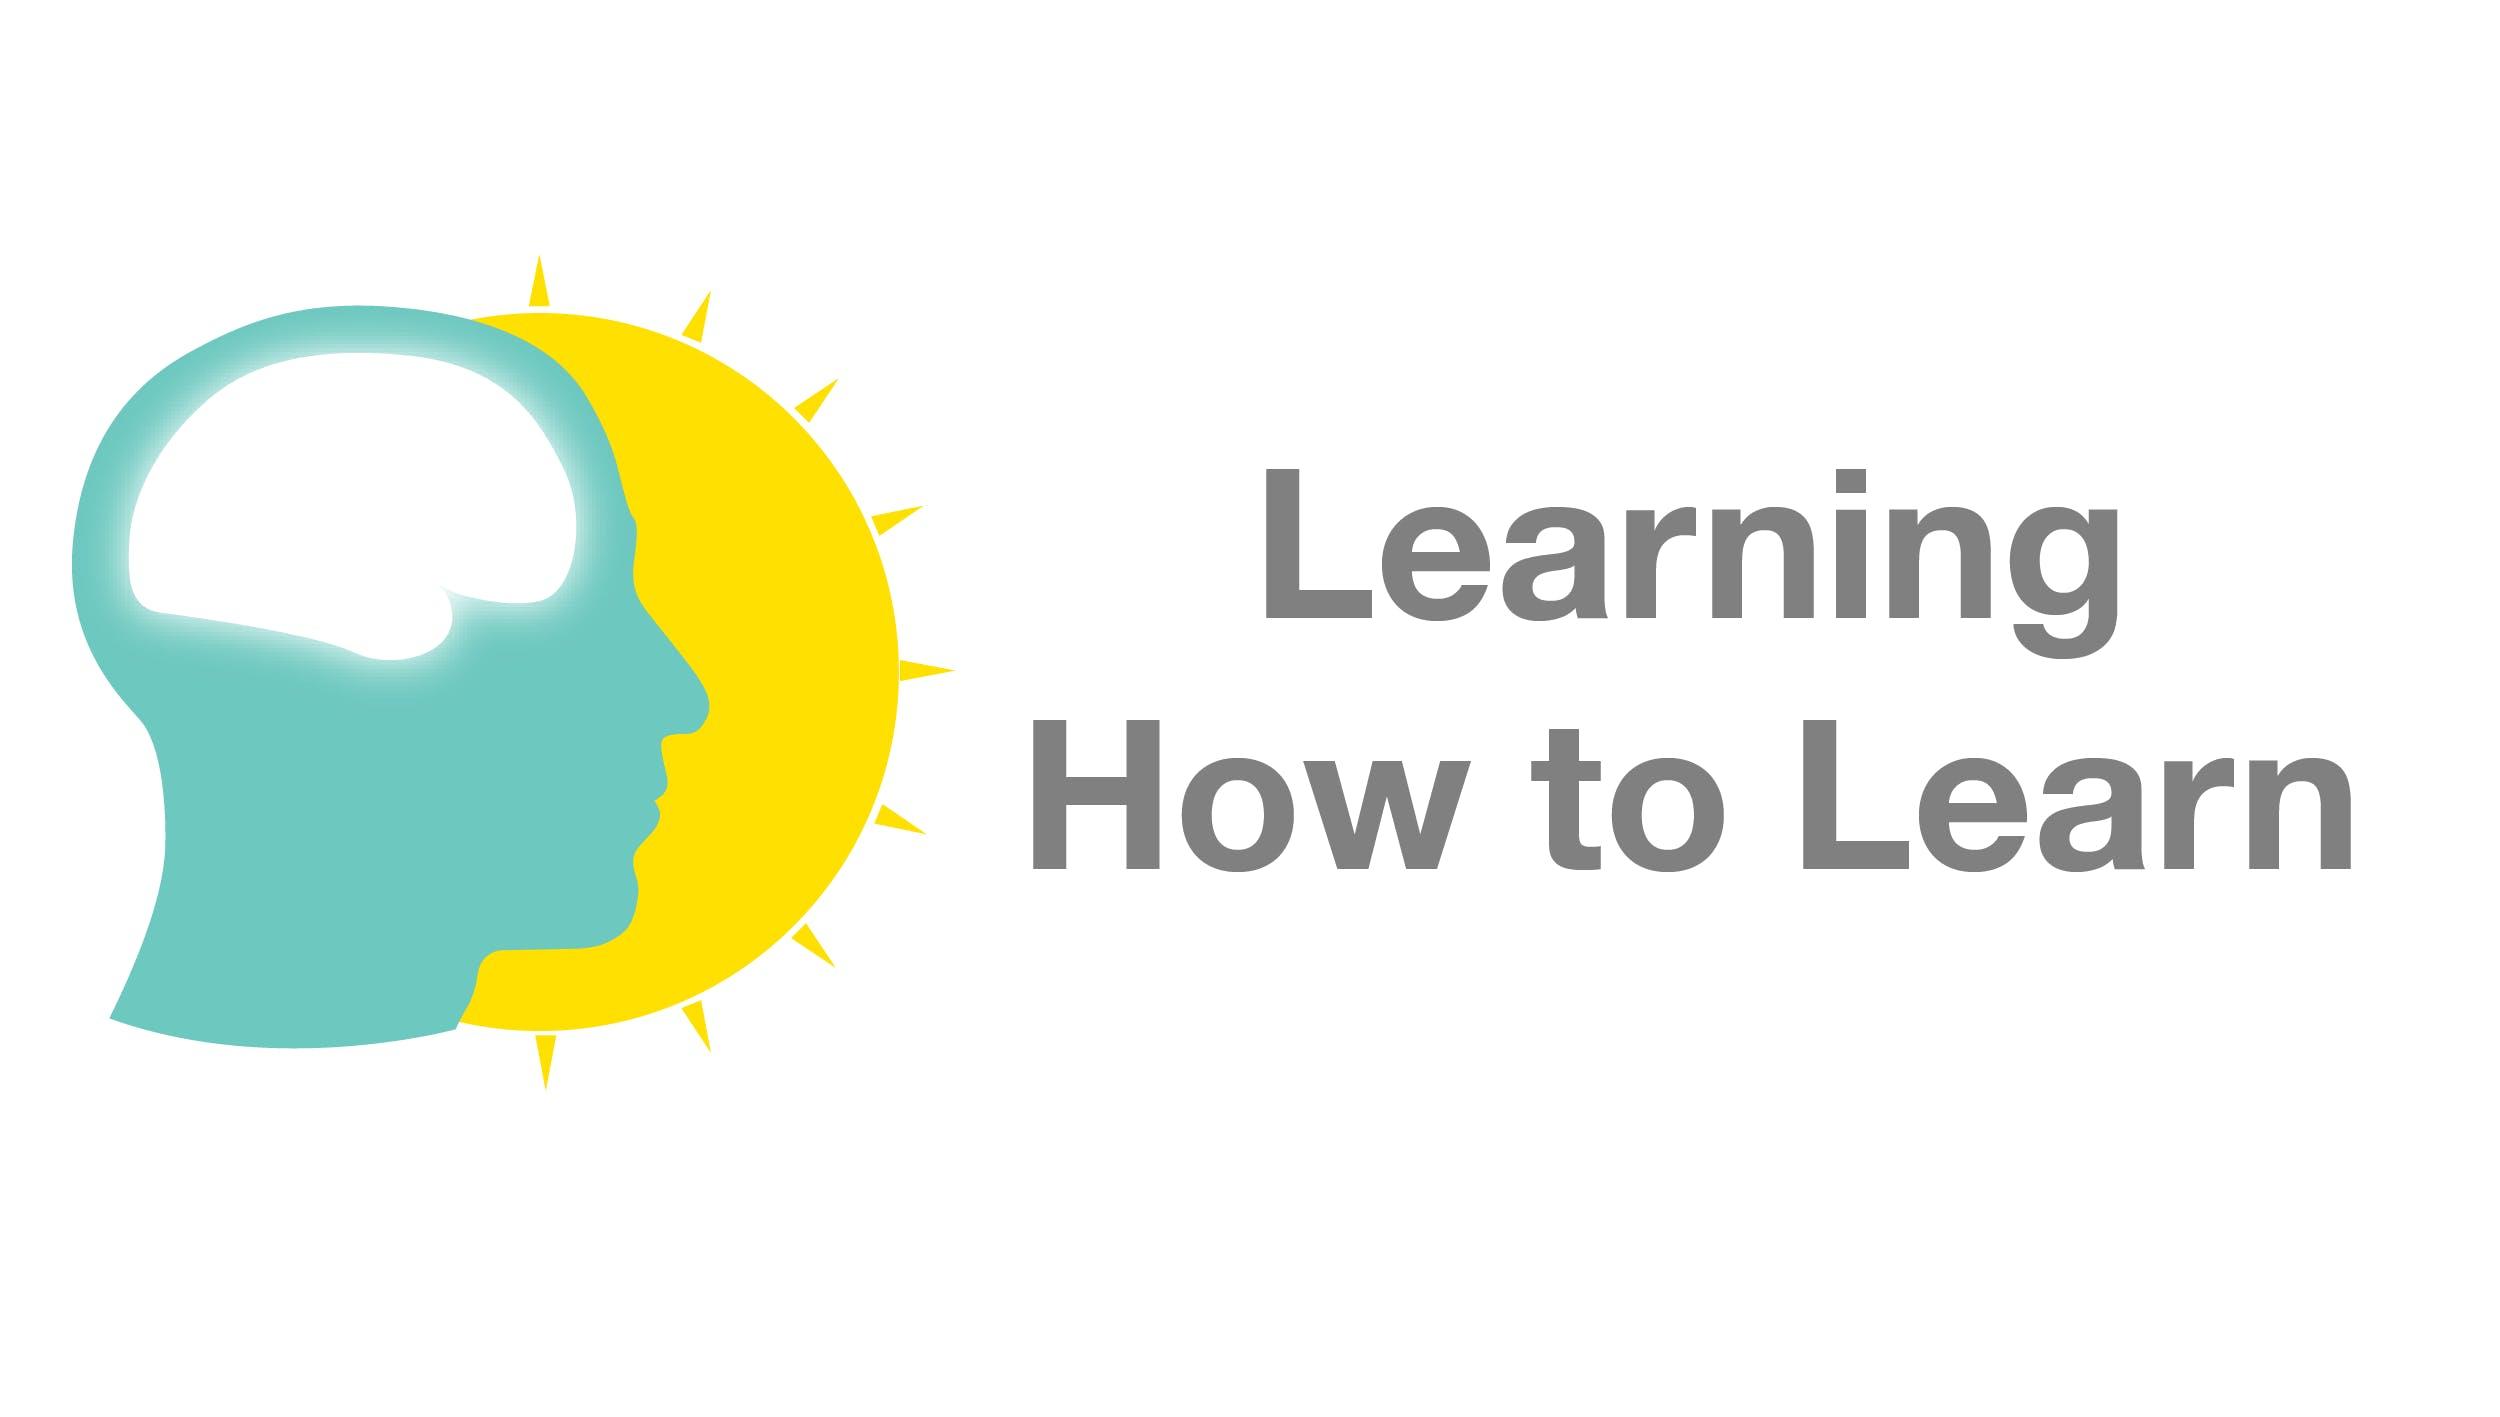 学会如何学习:帮助你掌握复杂学科的强大智力工具(Learning How to Learn)